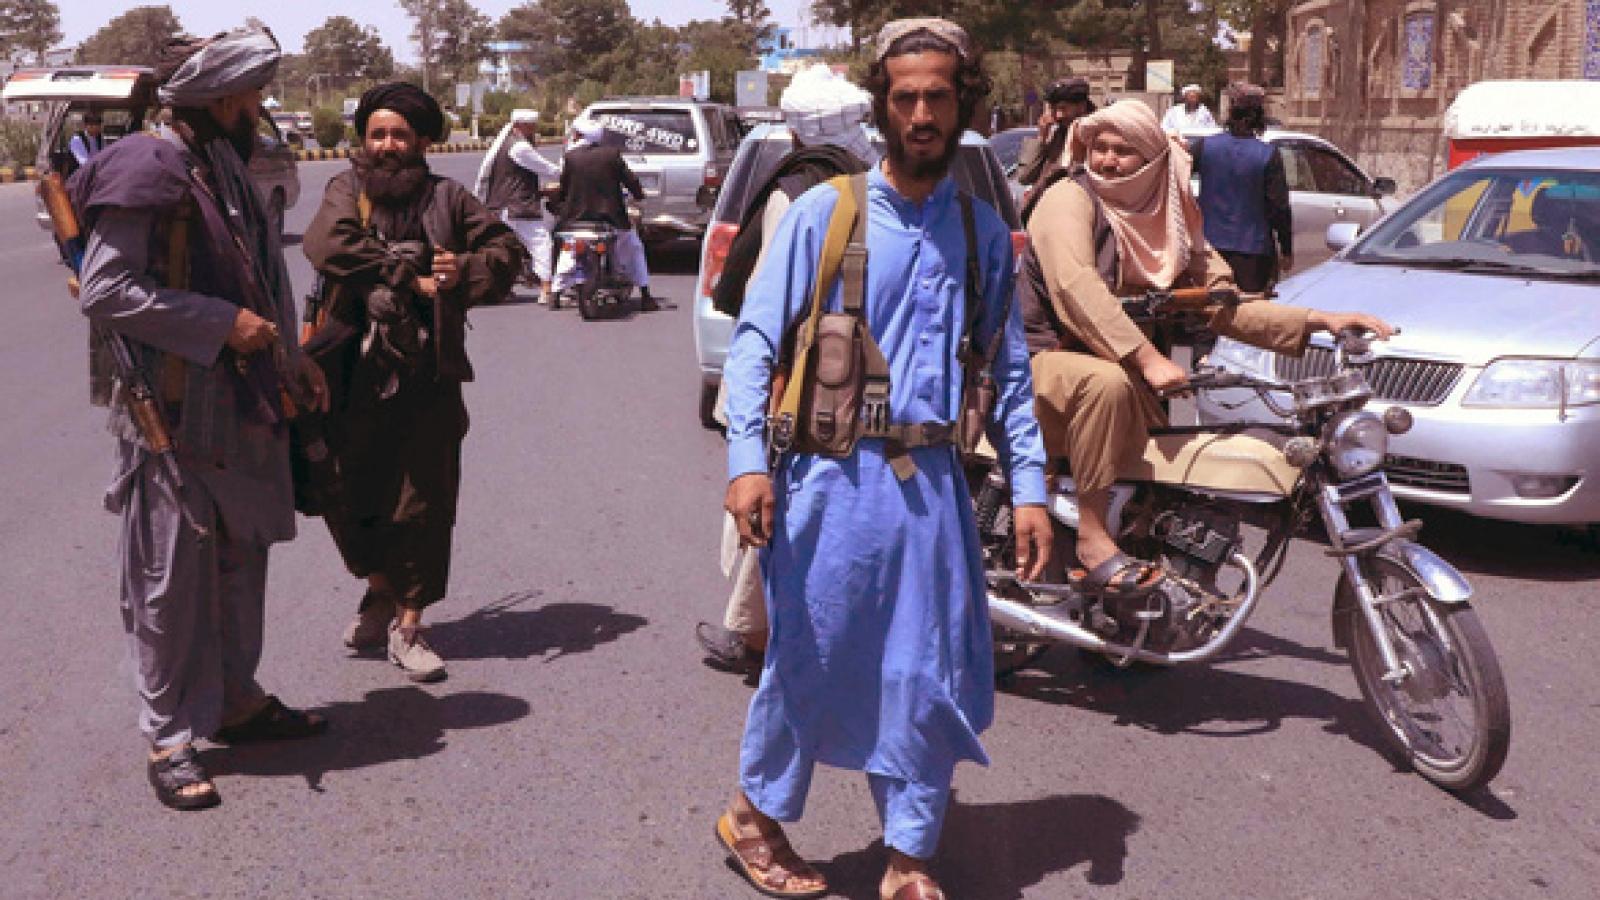 Mỹ đẩy mạnh nỗ lực ngoại giao xử lý các vấn đề nhức nhối sau khi rút quân khỏi Afghanistan